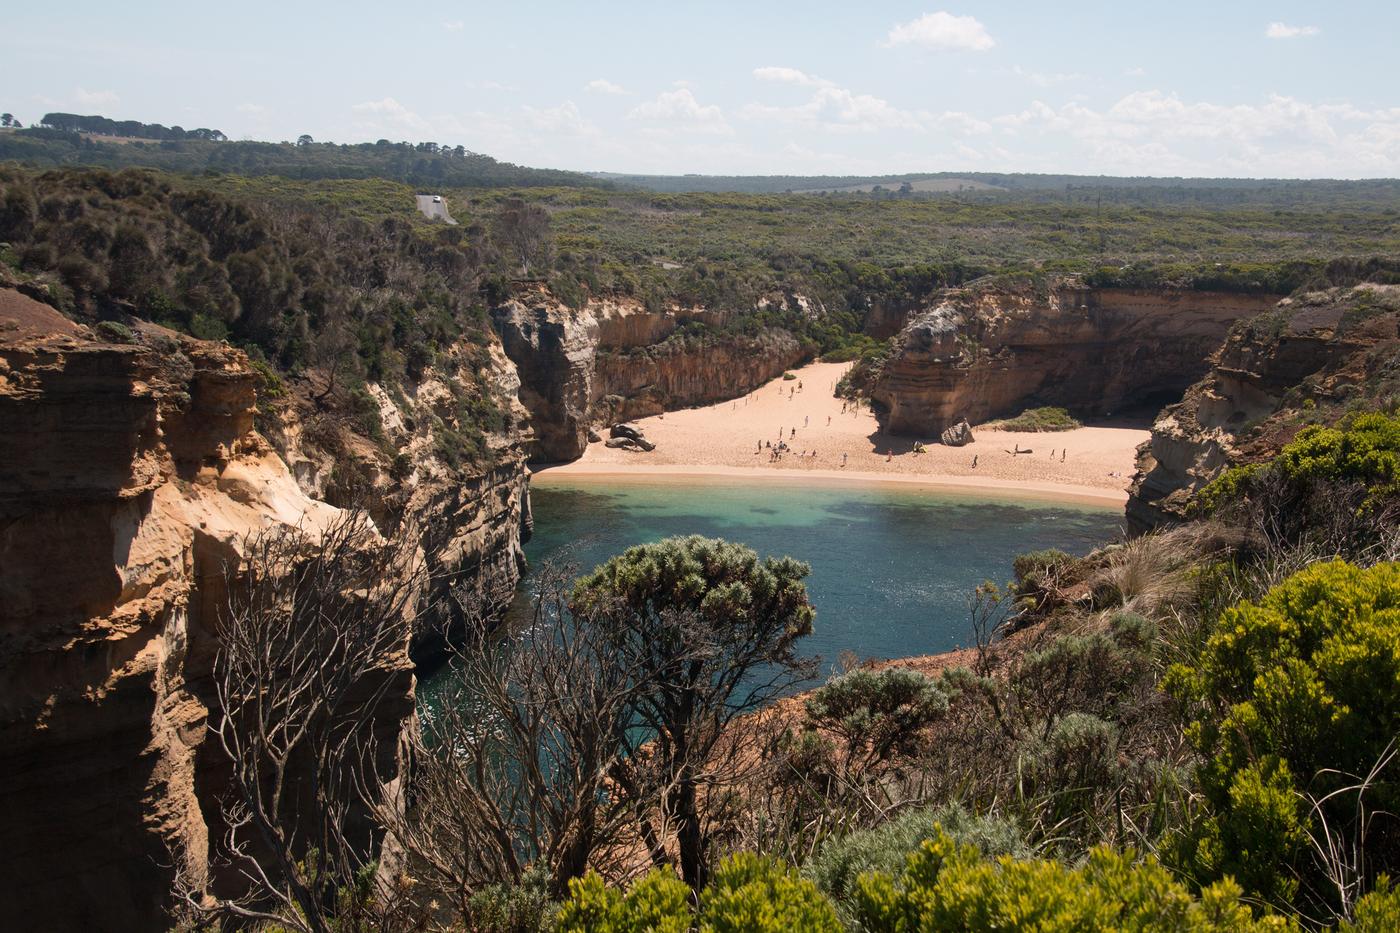 trevulan australia